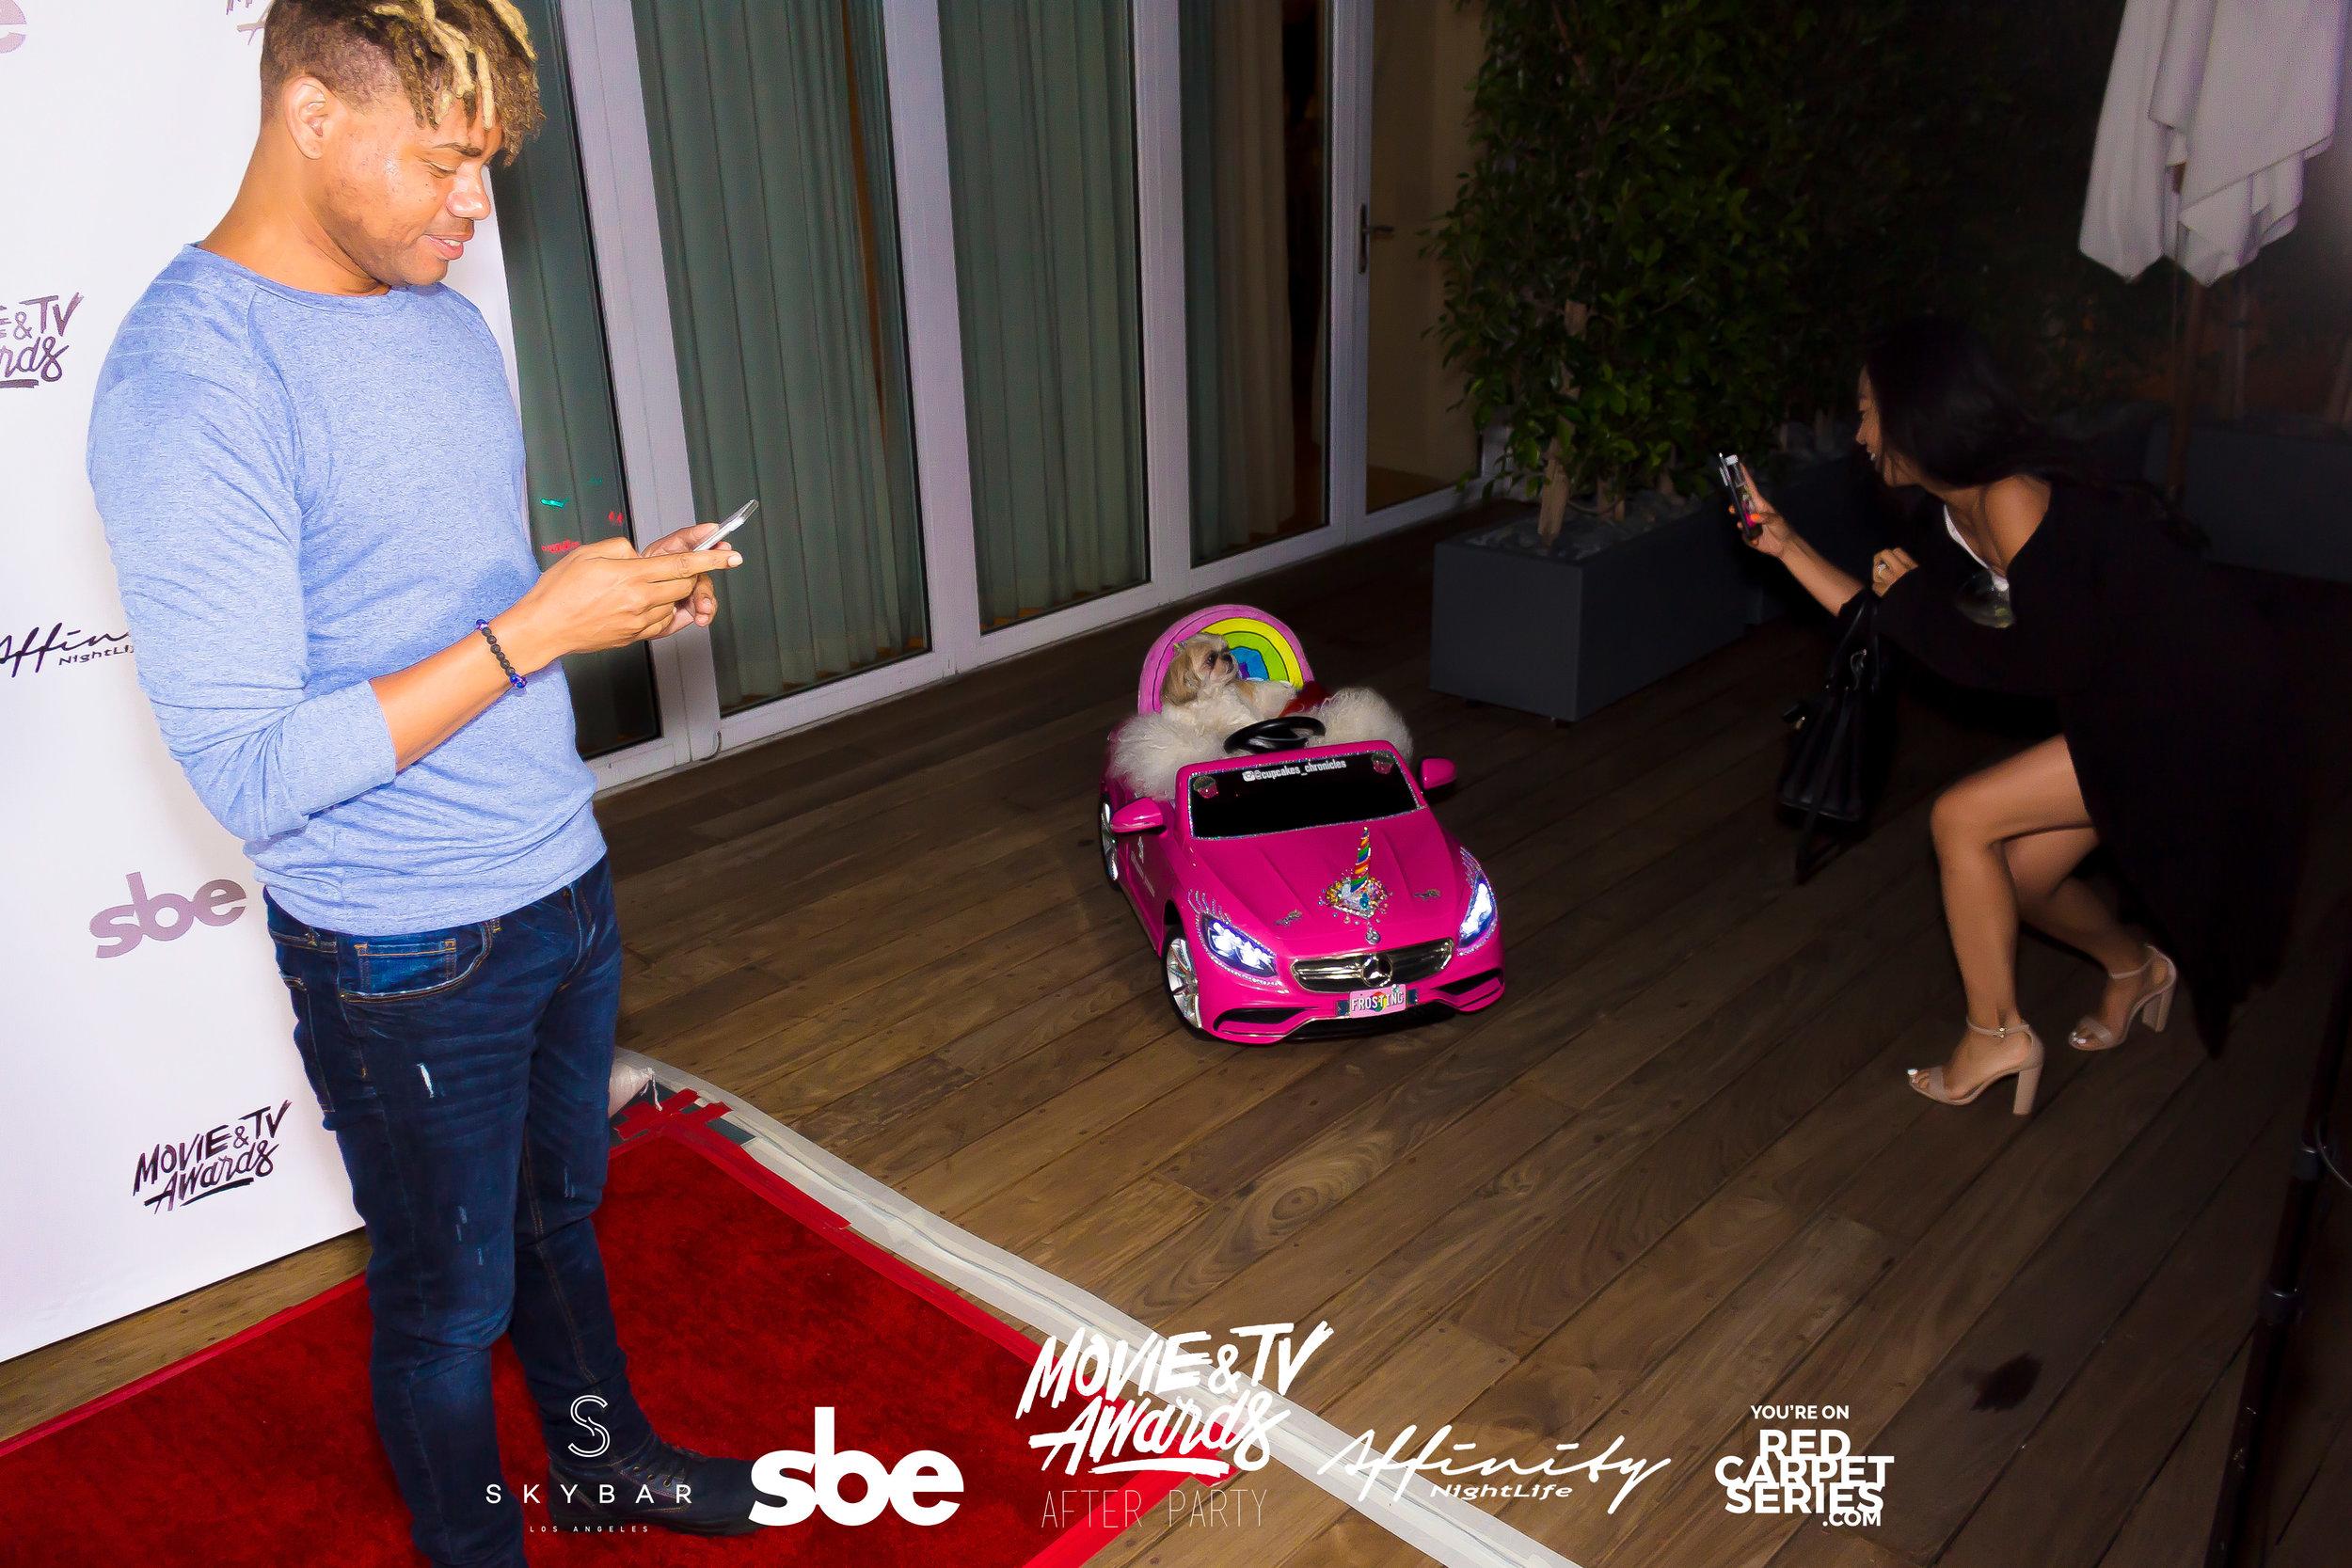 Affinity Nightlife MTV Movie & TV Awards After Party - Skybar at Mondrian - 06-15-19 - Vol. 1_24.jpg